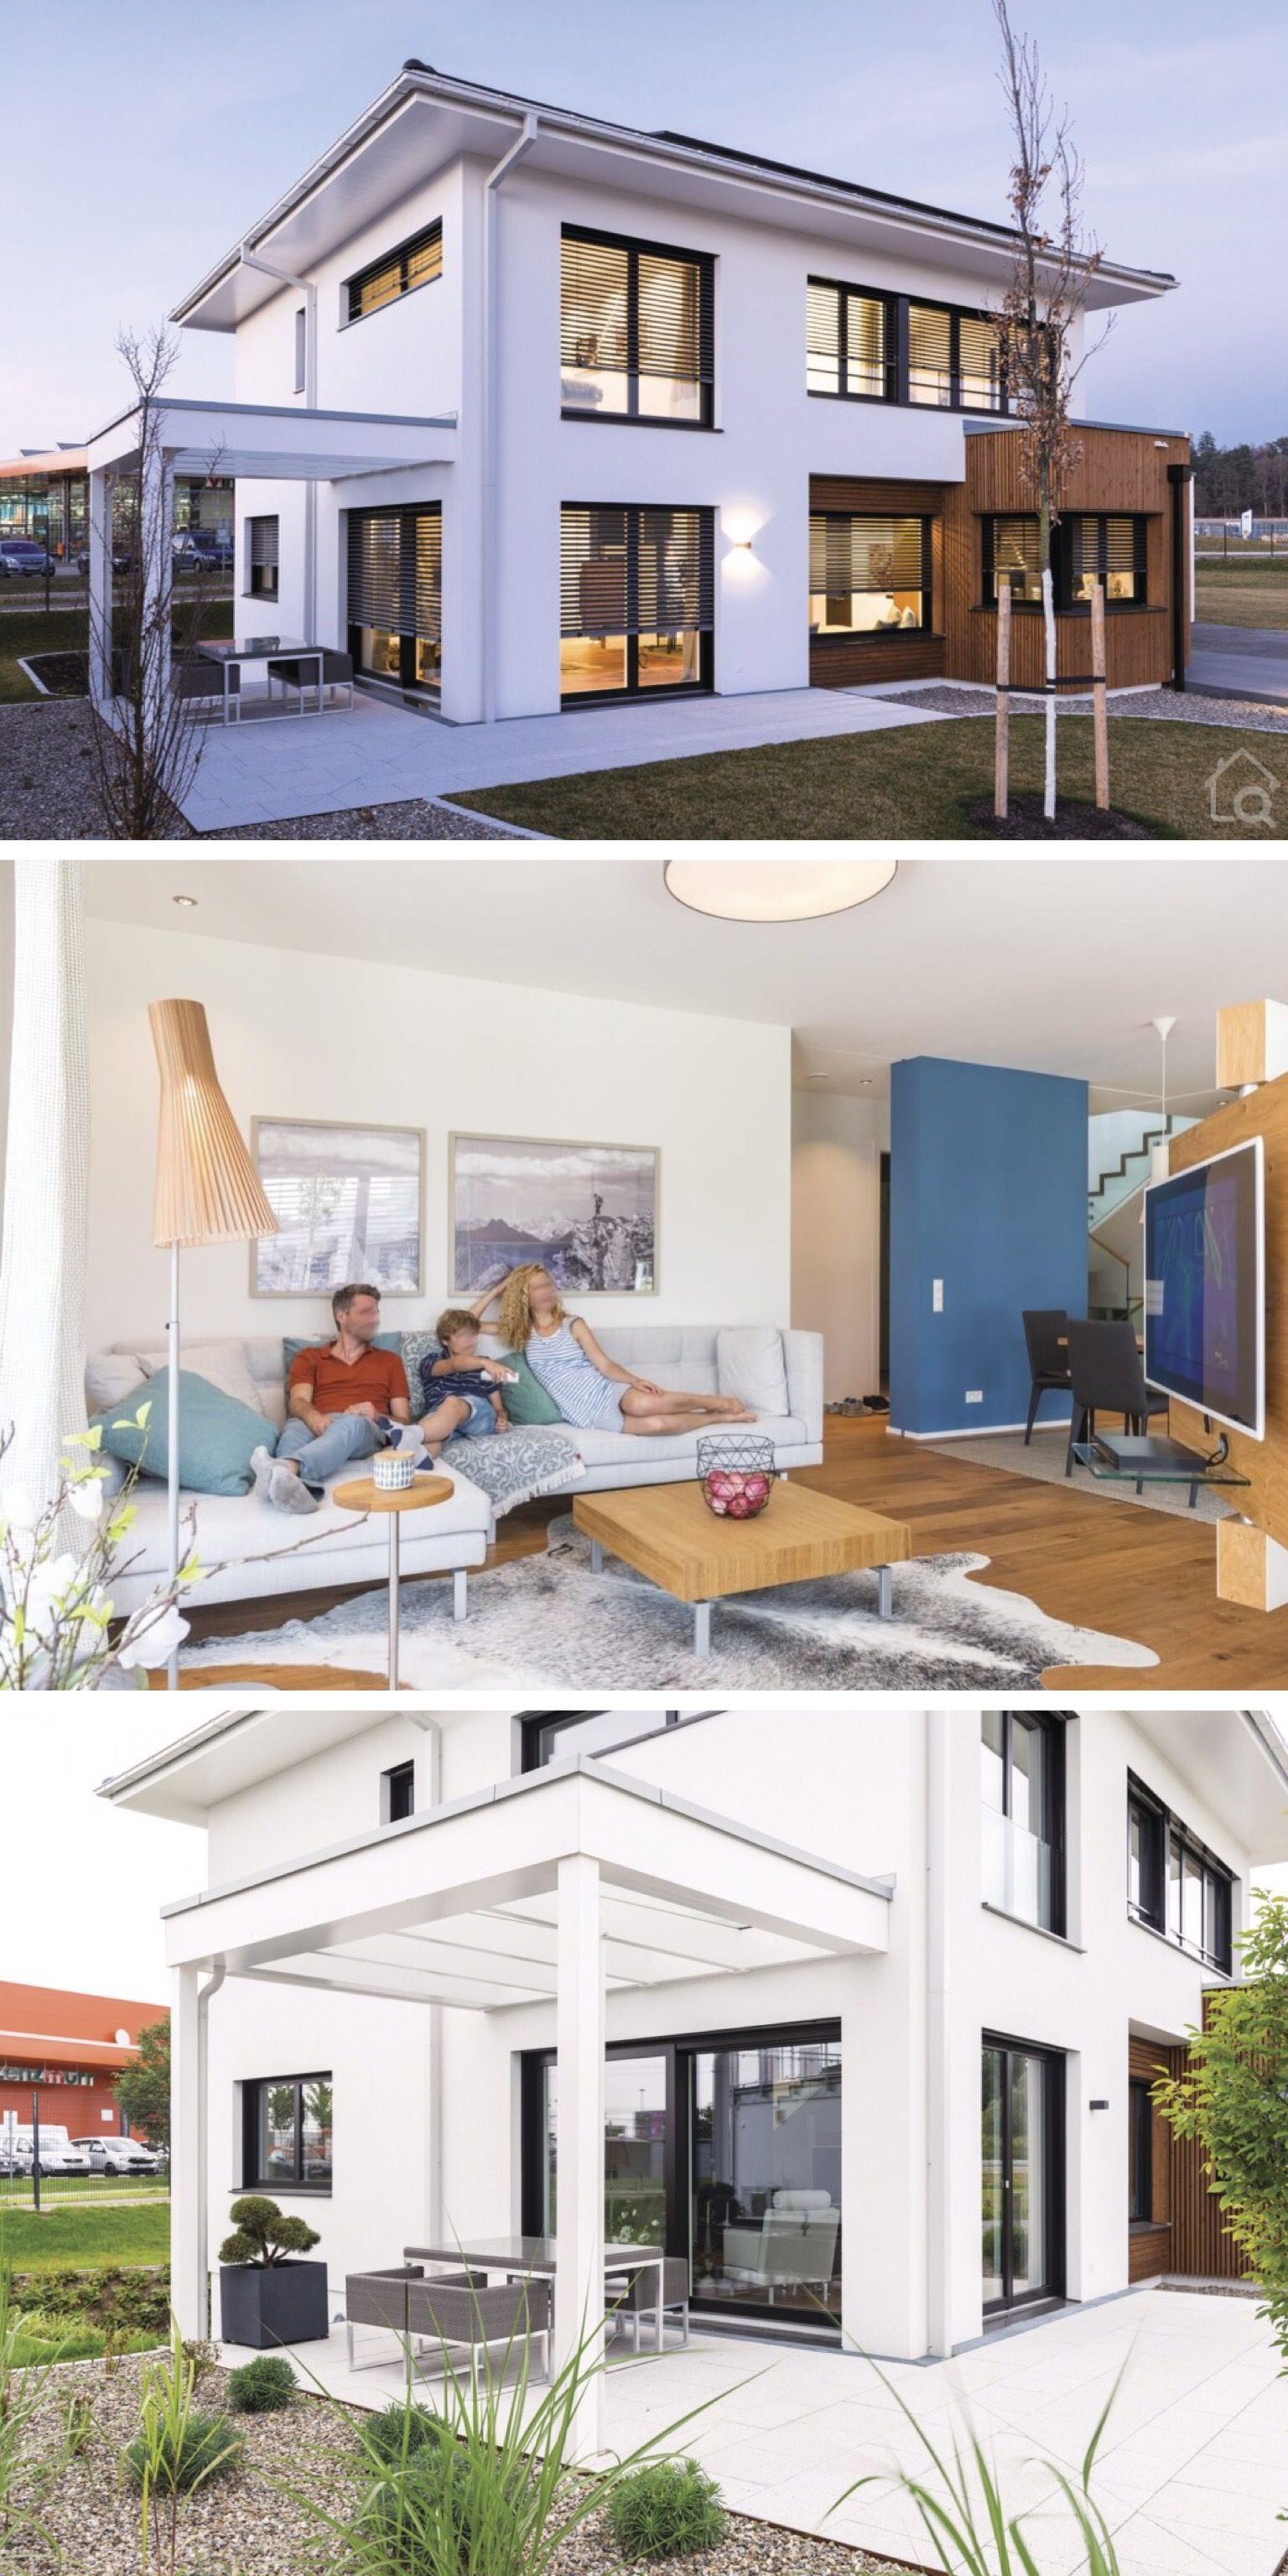 Stadtvilla modern mit Garage, Walmdach & Putz Fassade weiß